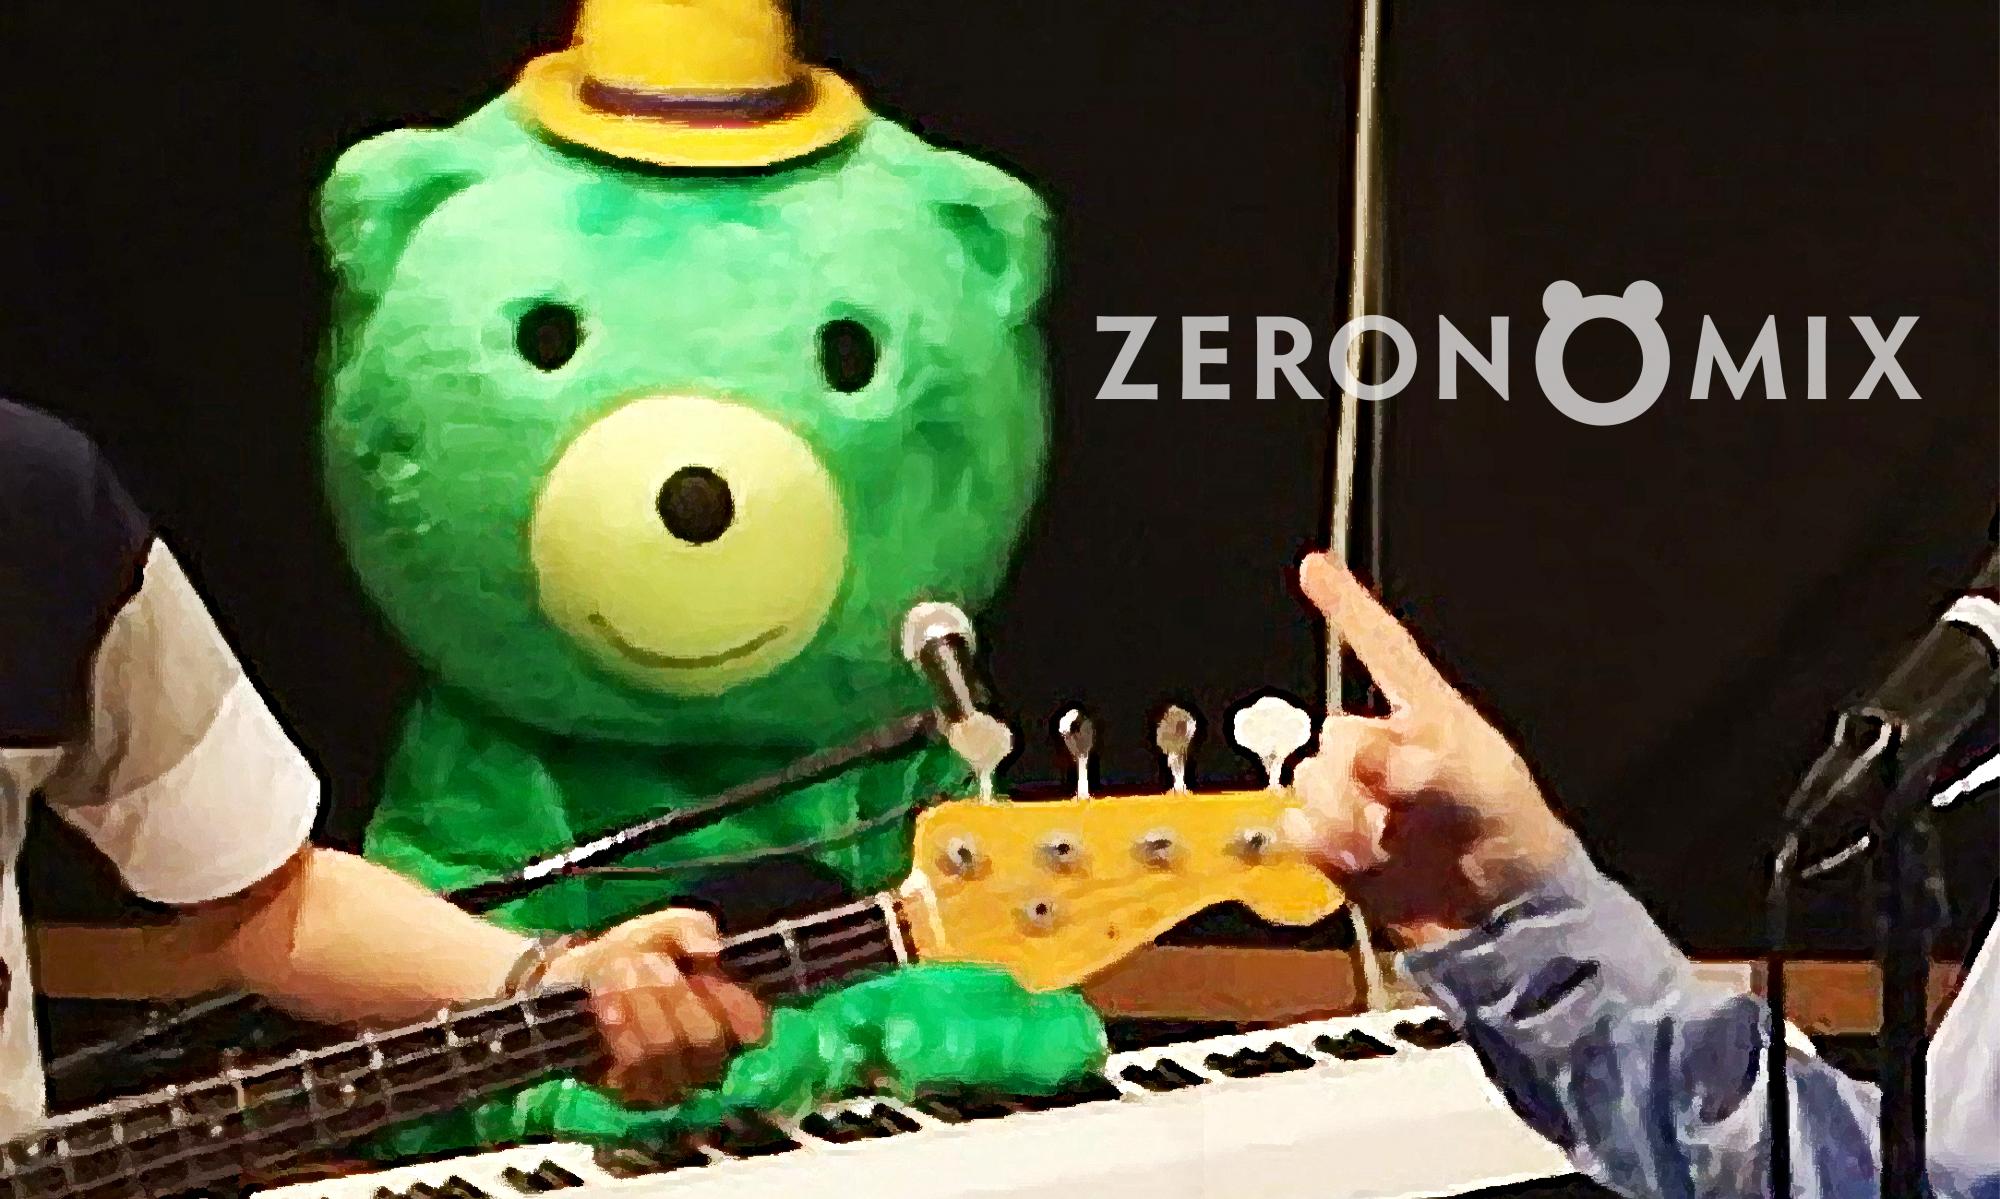 呼べるゆるキャラ・ゼロノミクマ